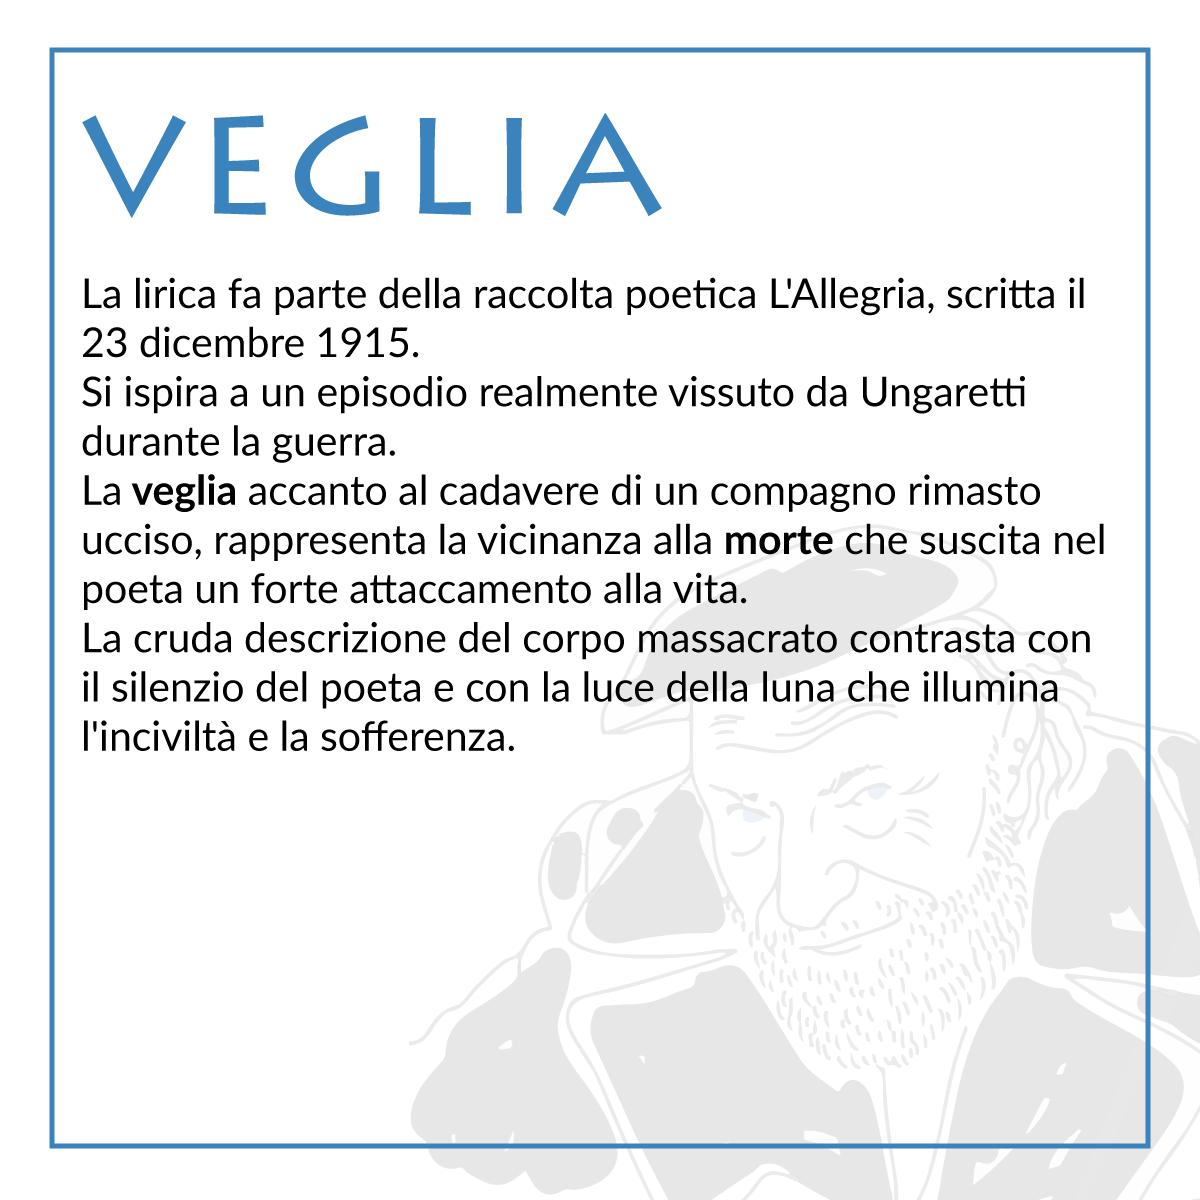 unga_veglia